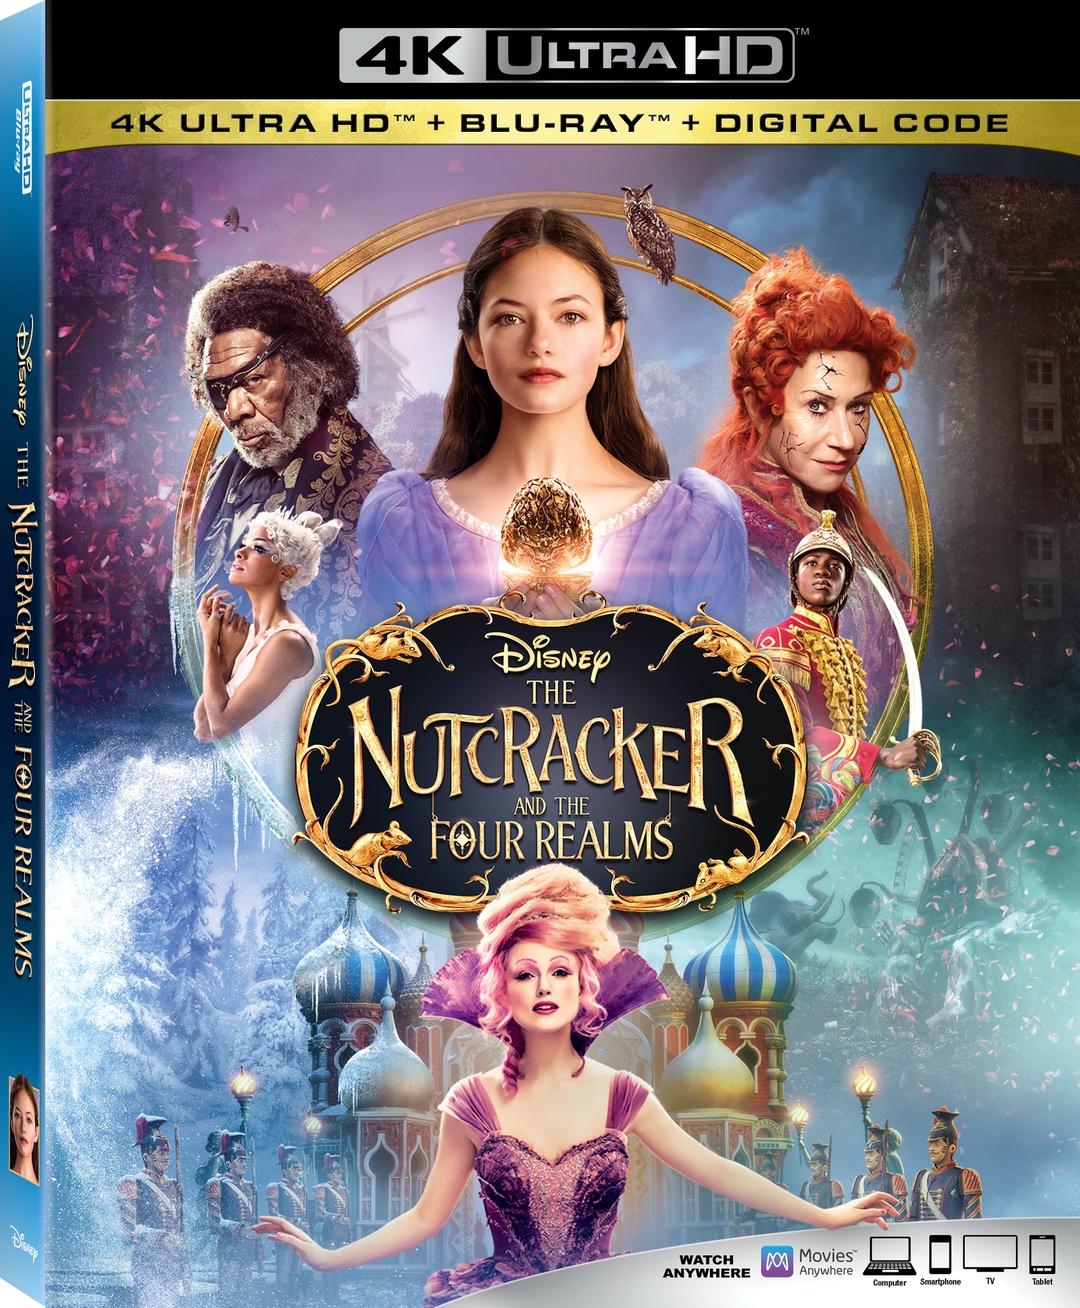 The Nutcracker and Four Realms #DisneysNutcracker #Nutcracker #movie #giveaway #ad